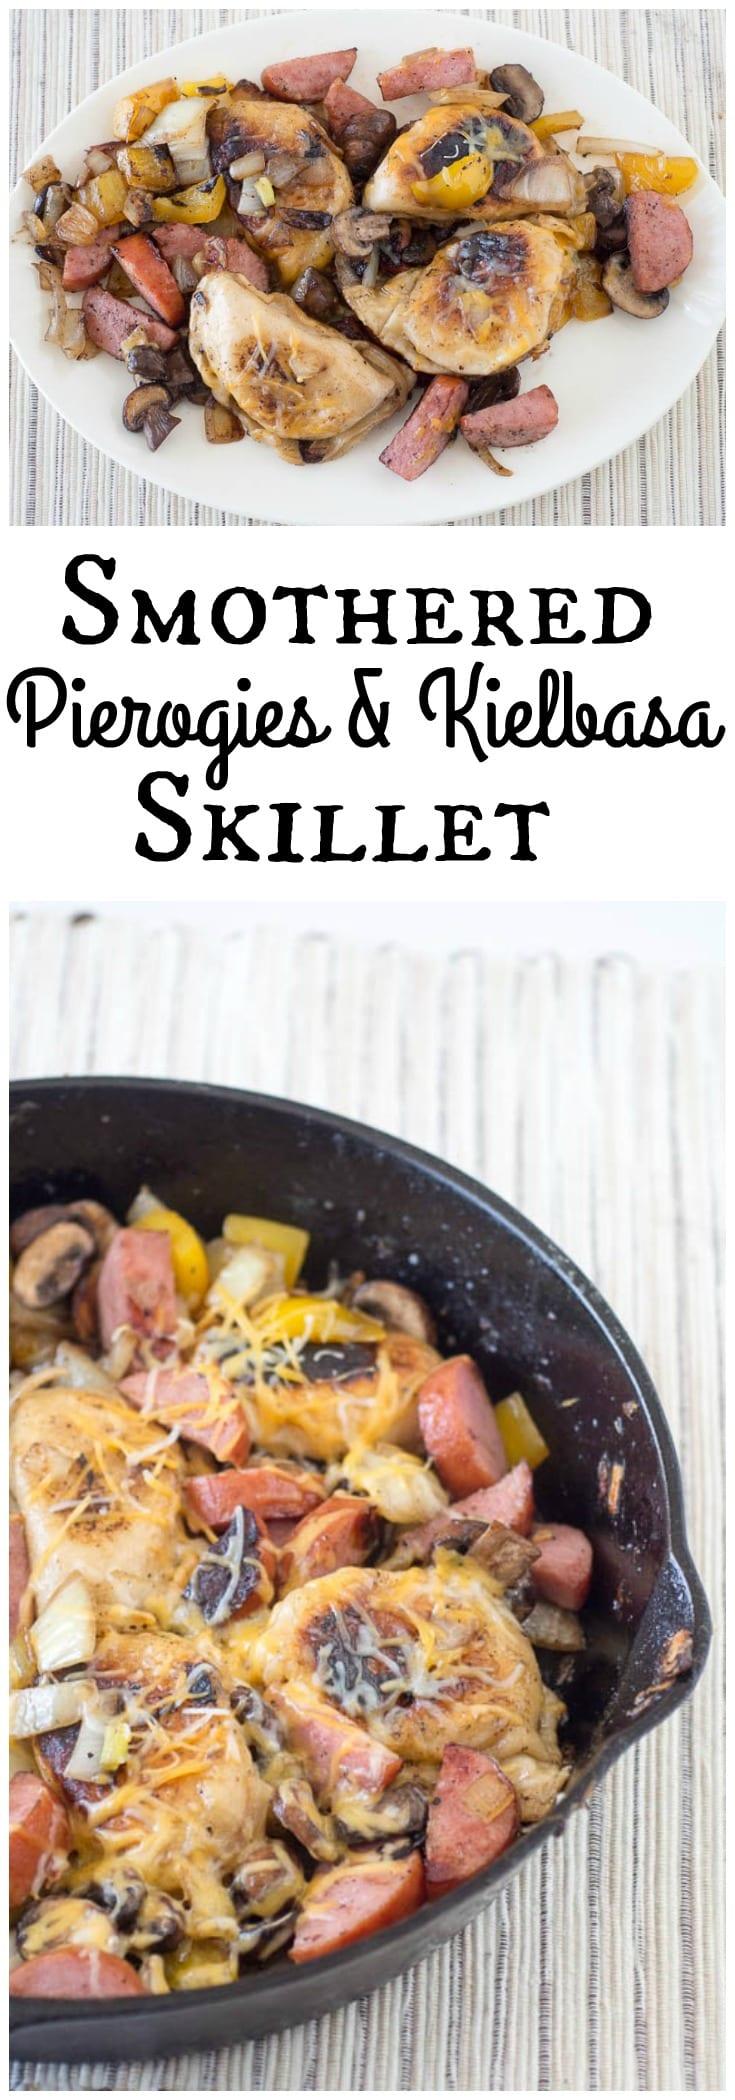 Easy kielbasa recipes skillet